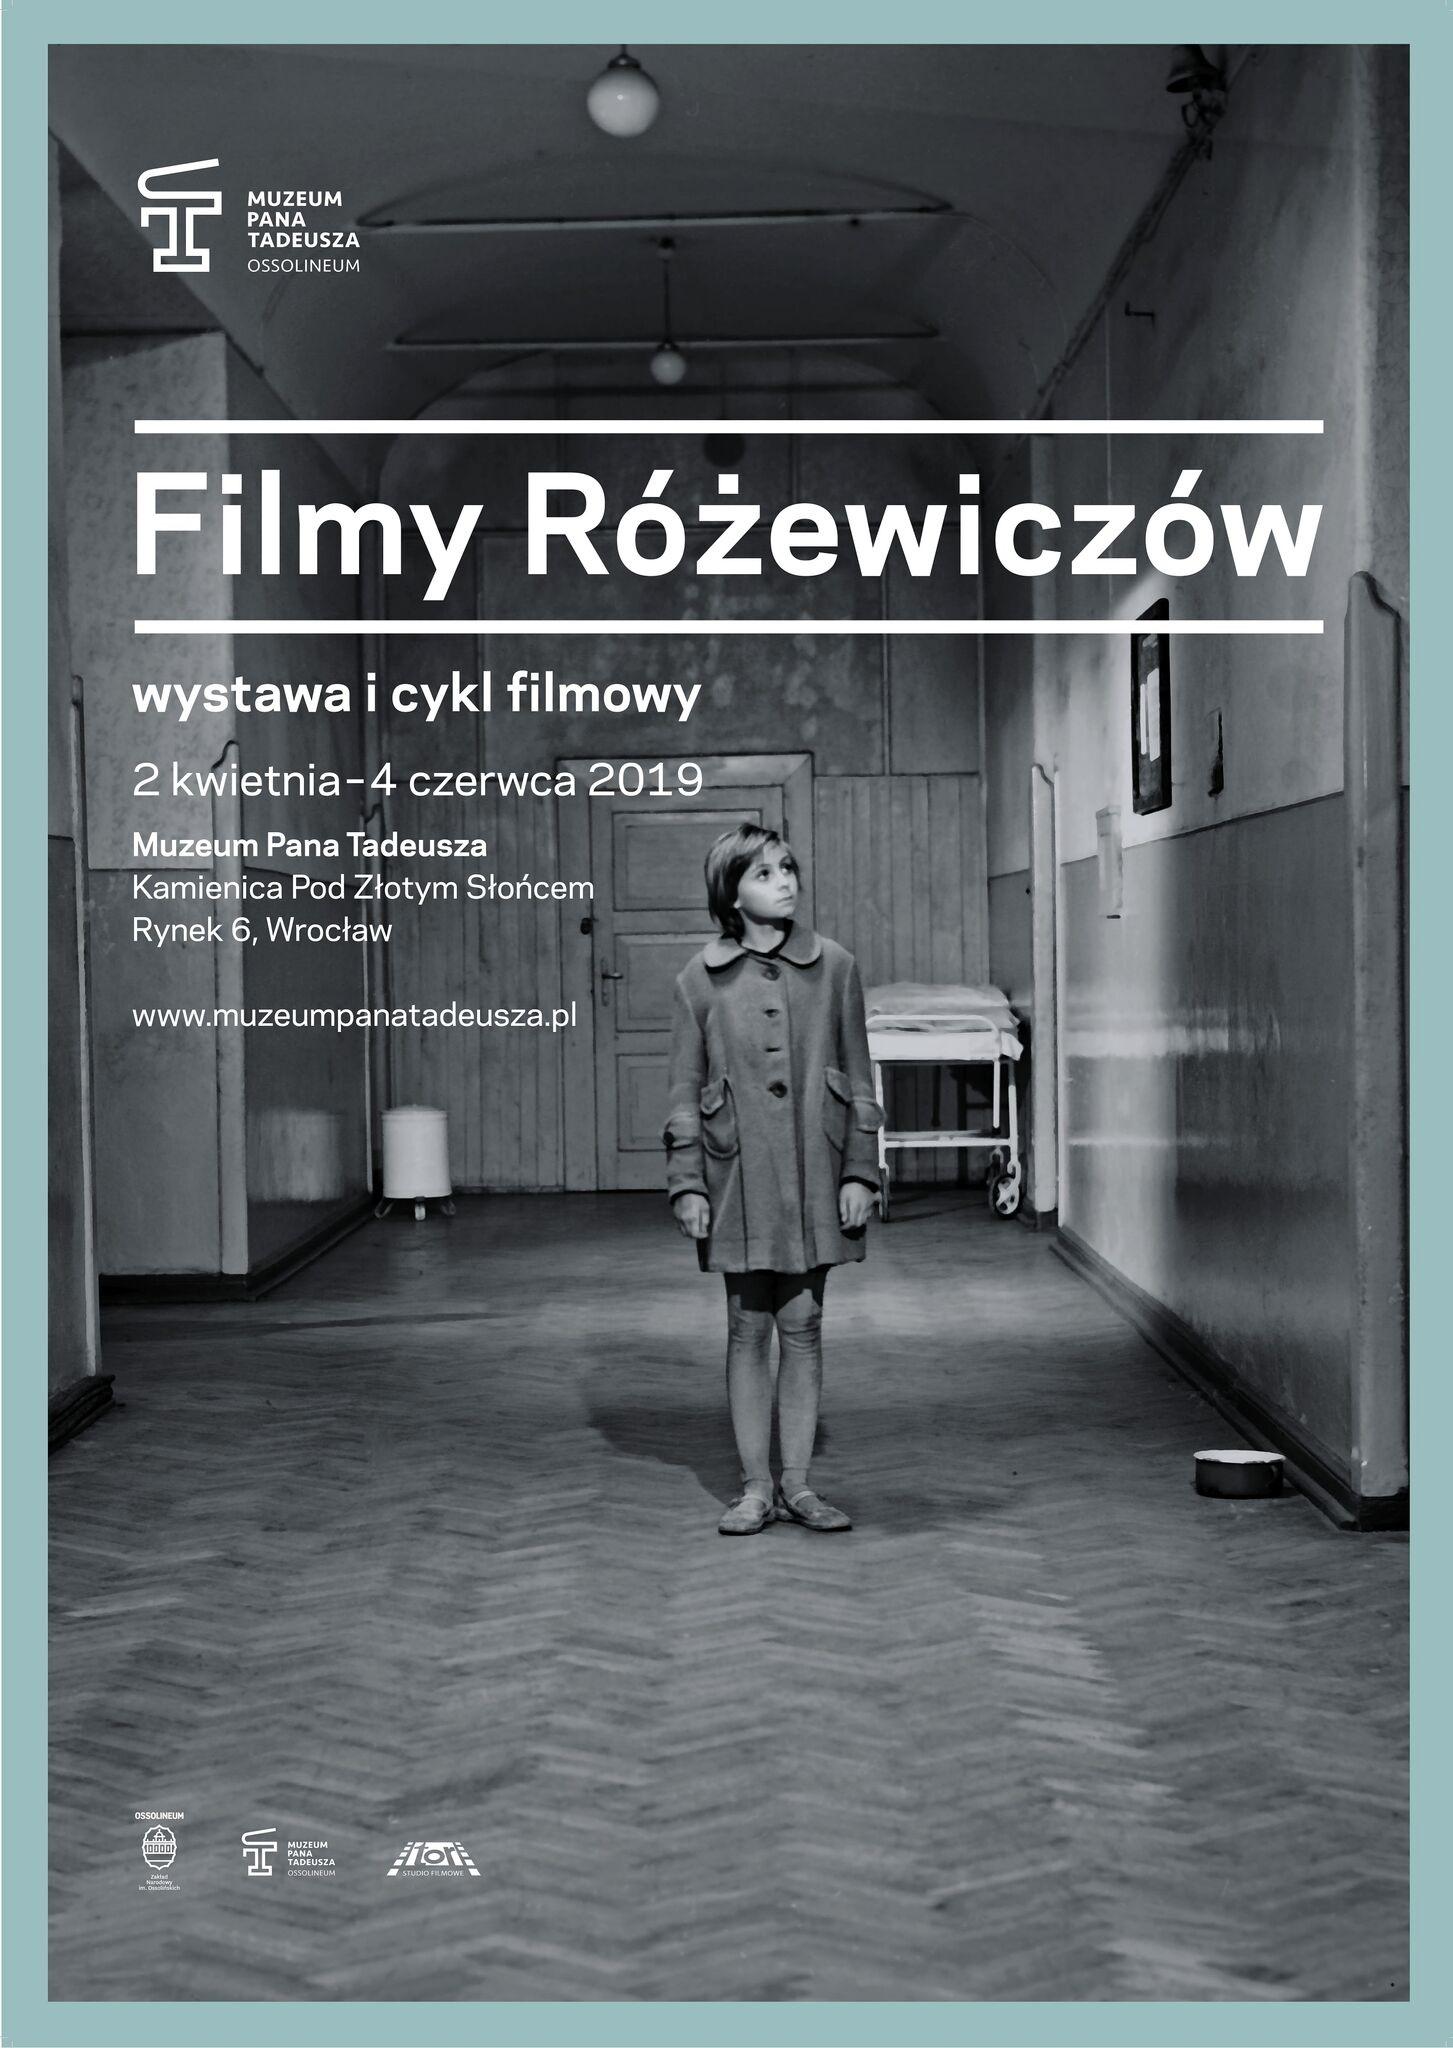 Filmy Różewiczów